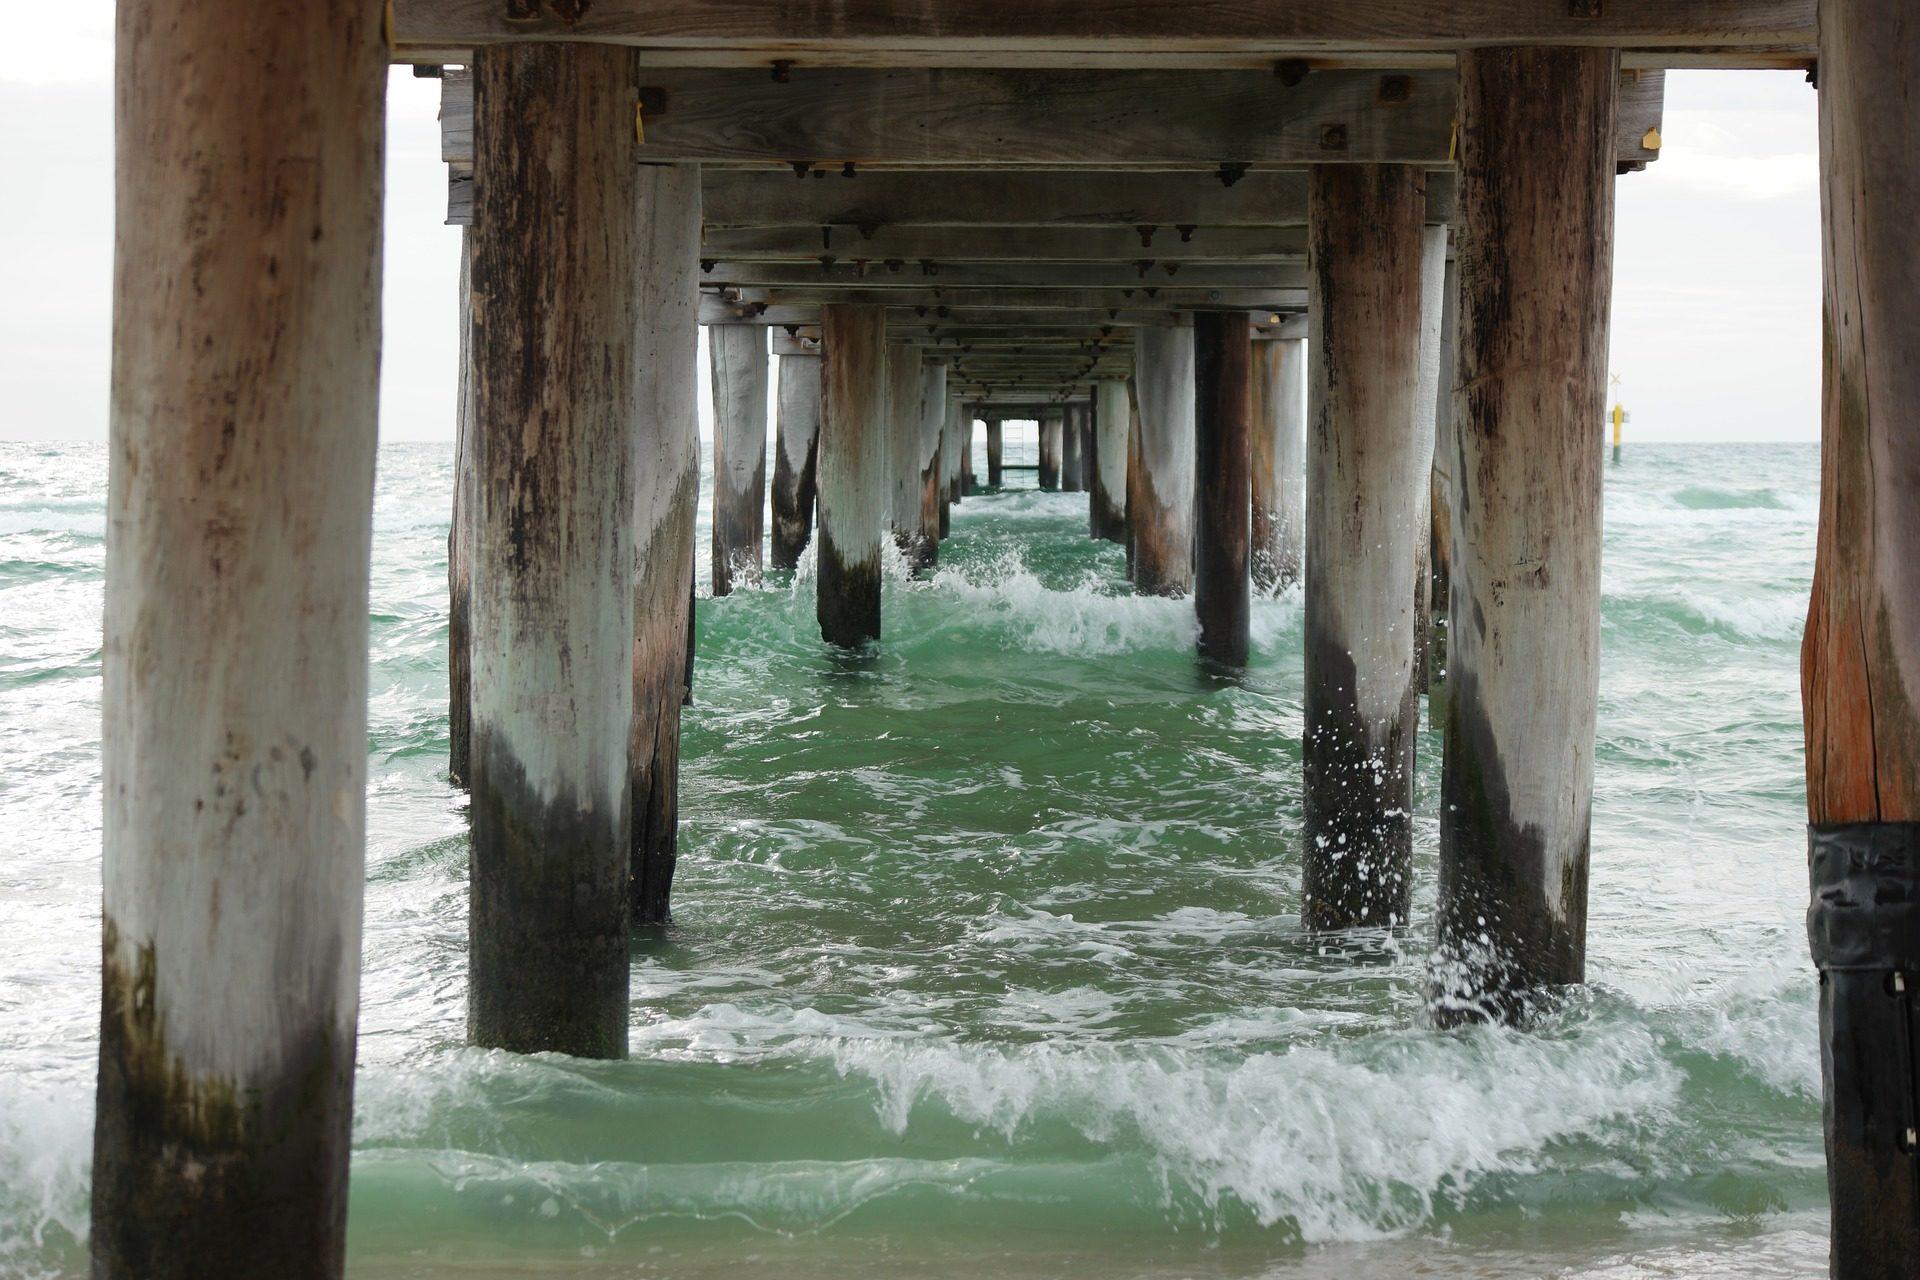 mar, playa, muelle, agua, madera, olas - Fondos de Pantalla HD - professor-falken.com